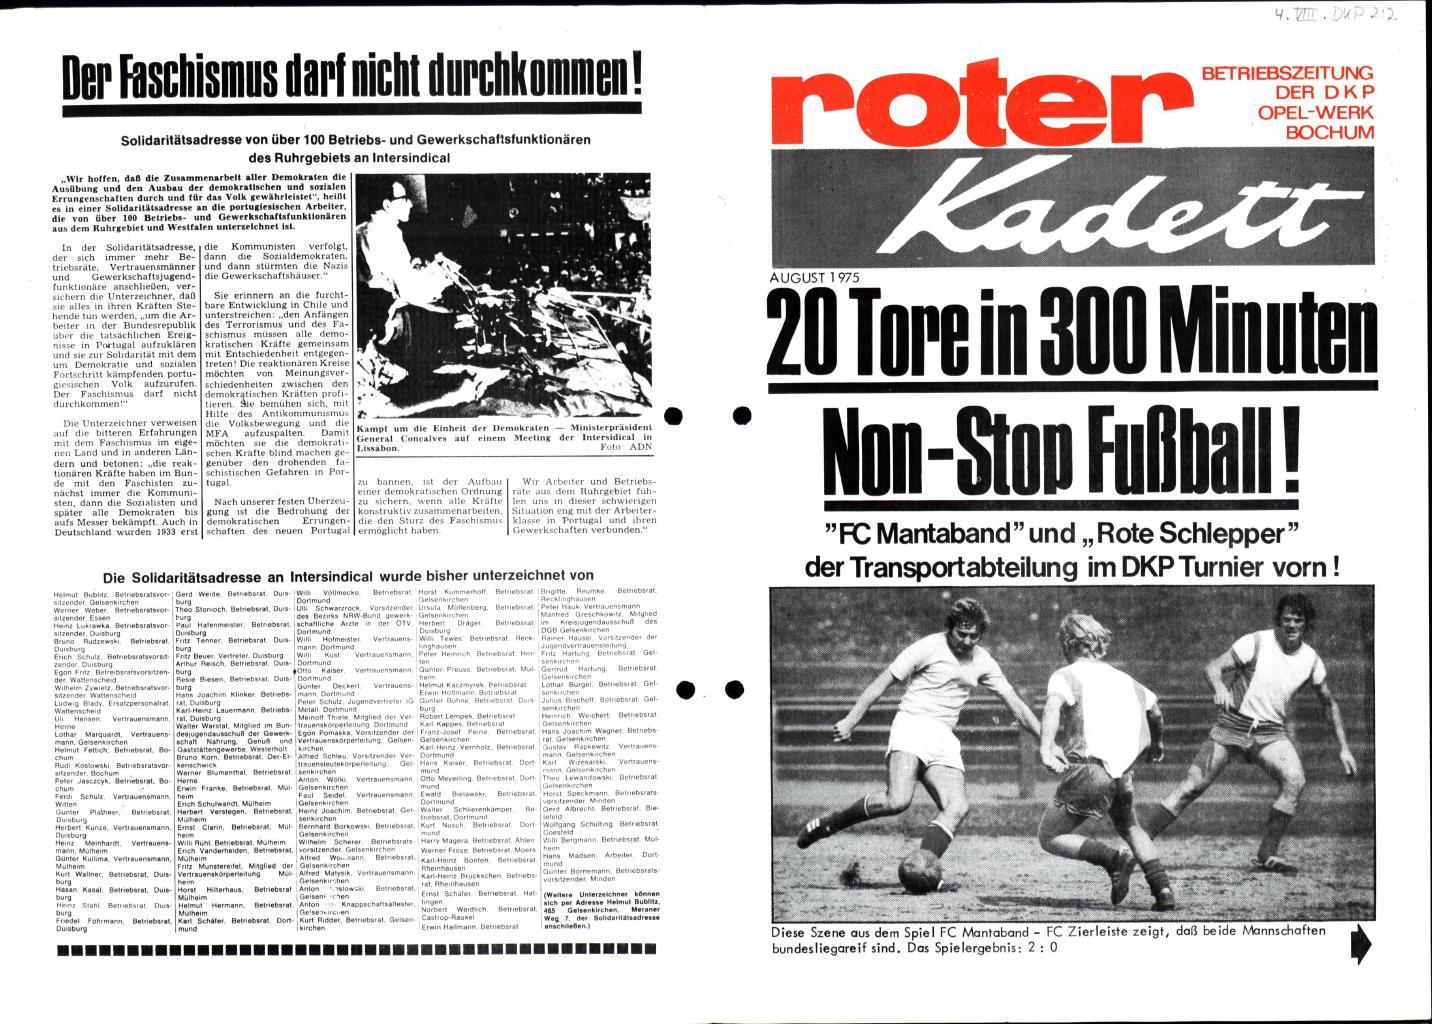 Bochum_Opel_Roter_Kadett_19750800_01